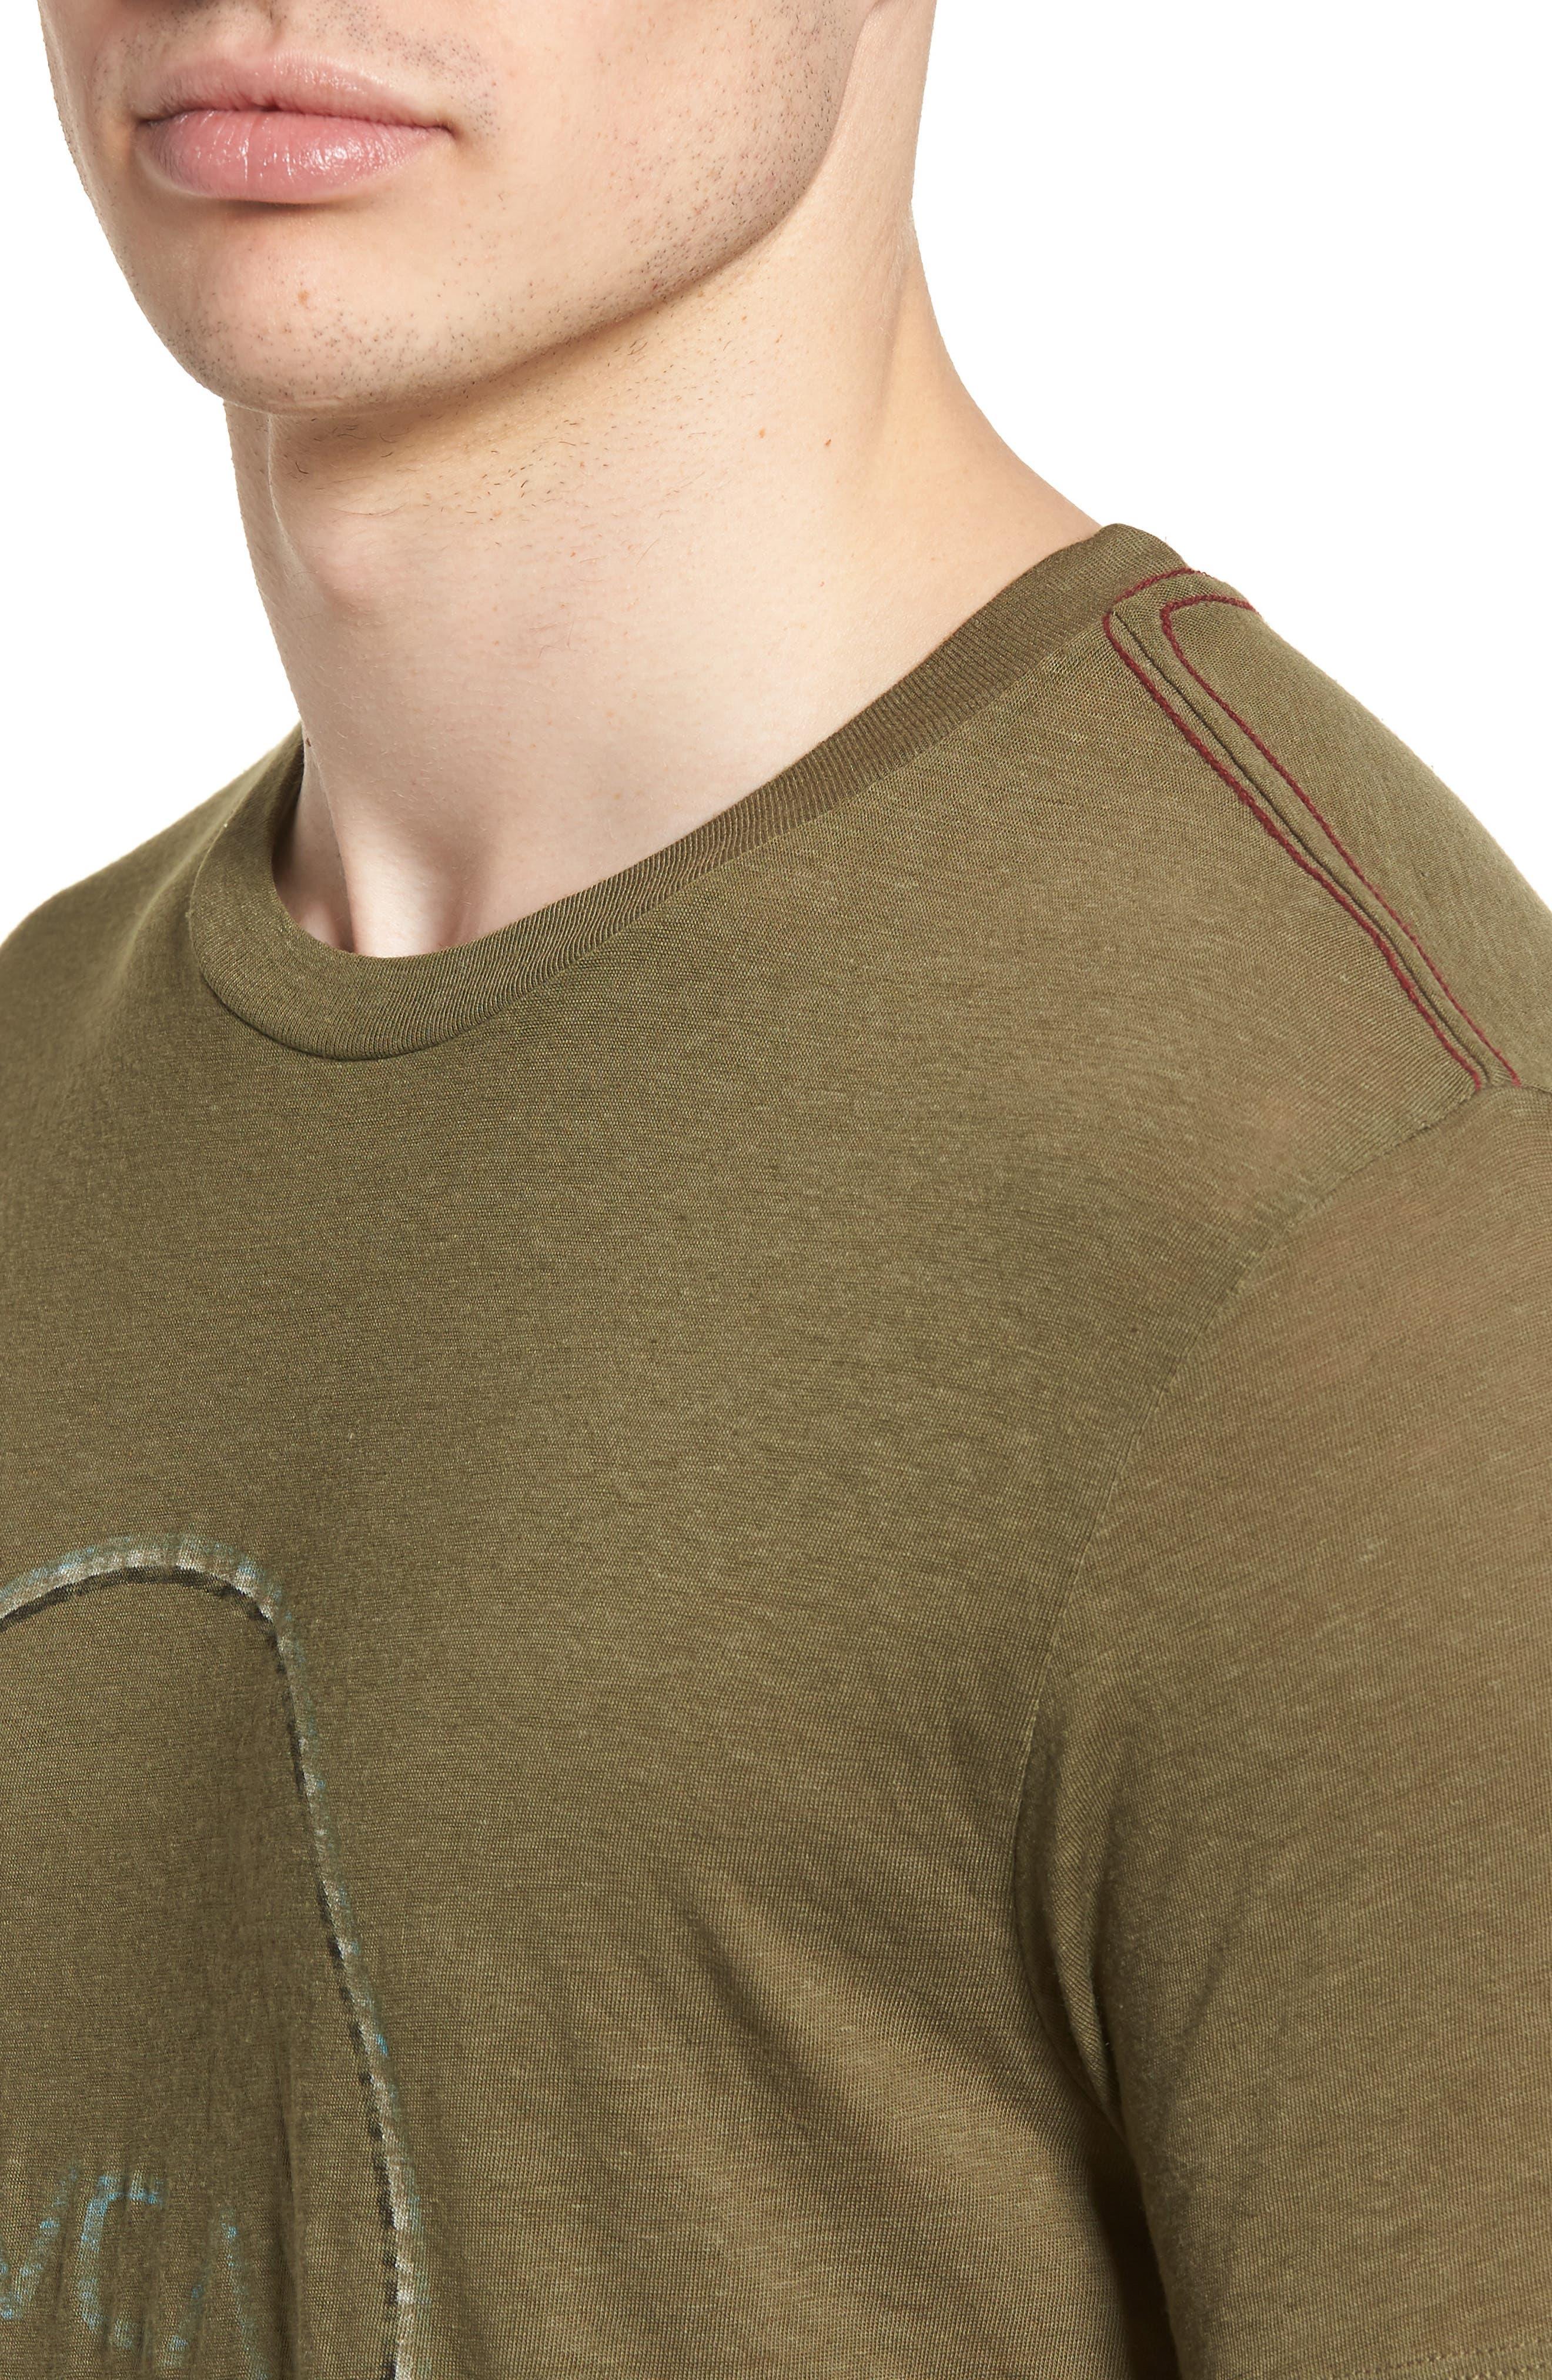 Tri Motors Burnout Graphic T-Shirt,                             Alternate thumbnail 4, color,                             340